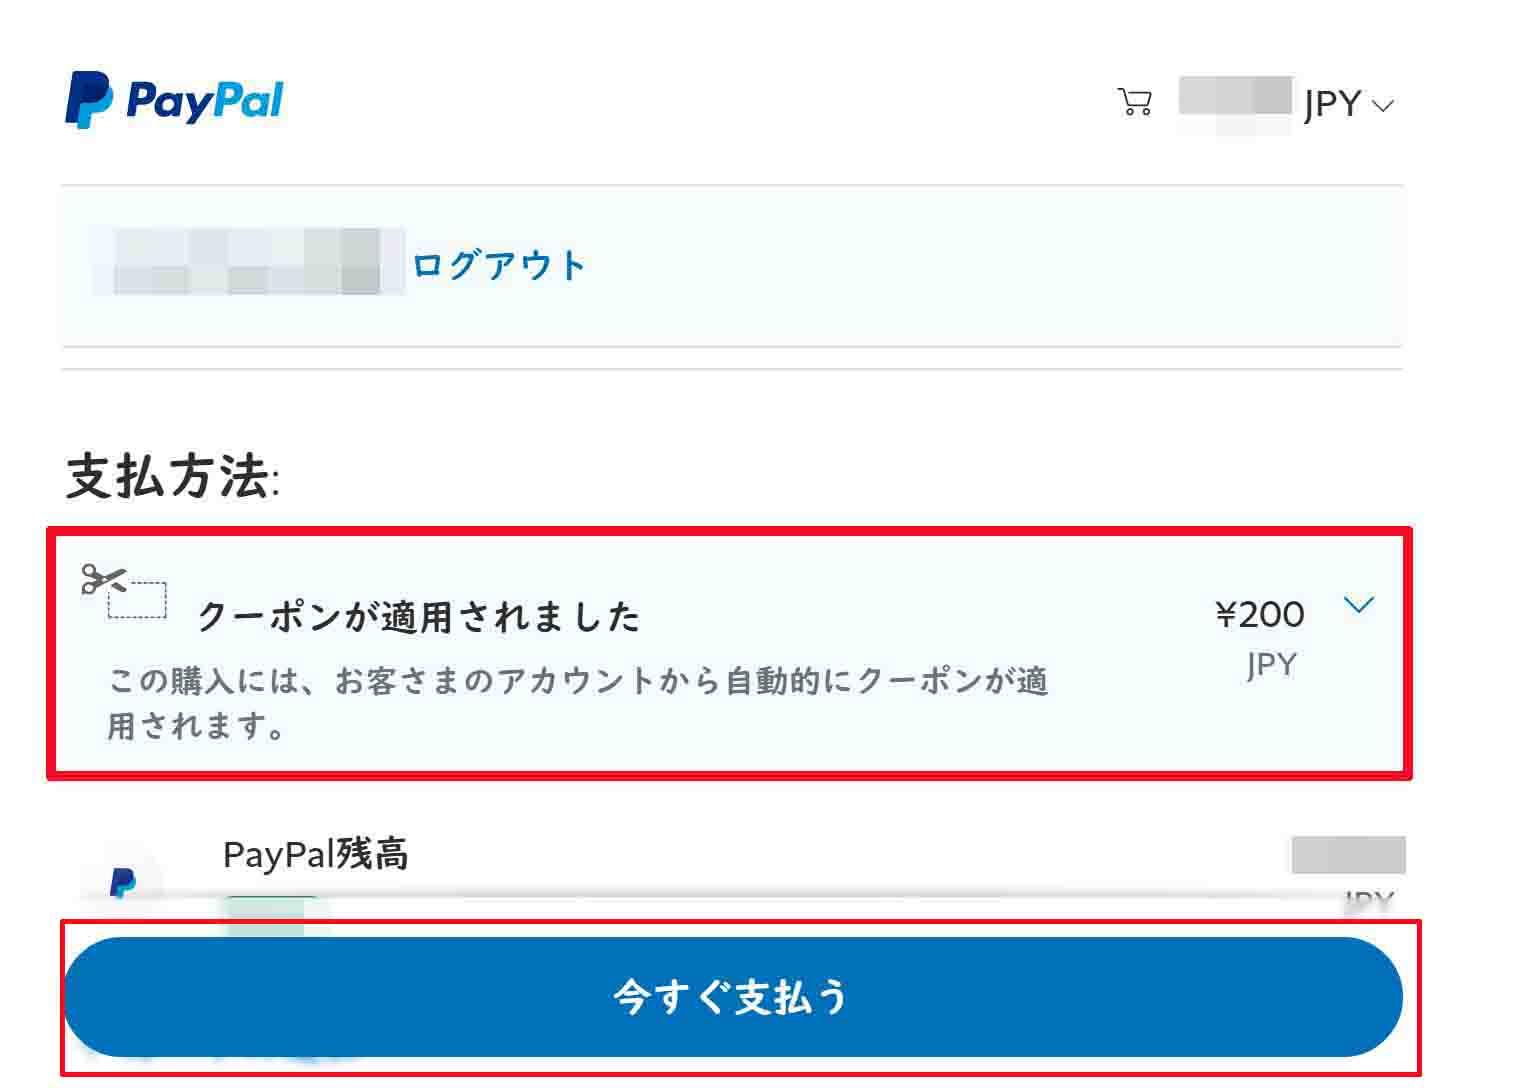 「PayPalで購入手続きに進む」をクリックしますと、このような支払い画面へと移行しますので、「今すぐ支払う」をクリックします。